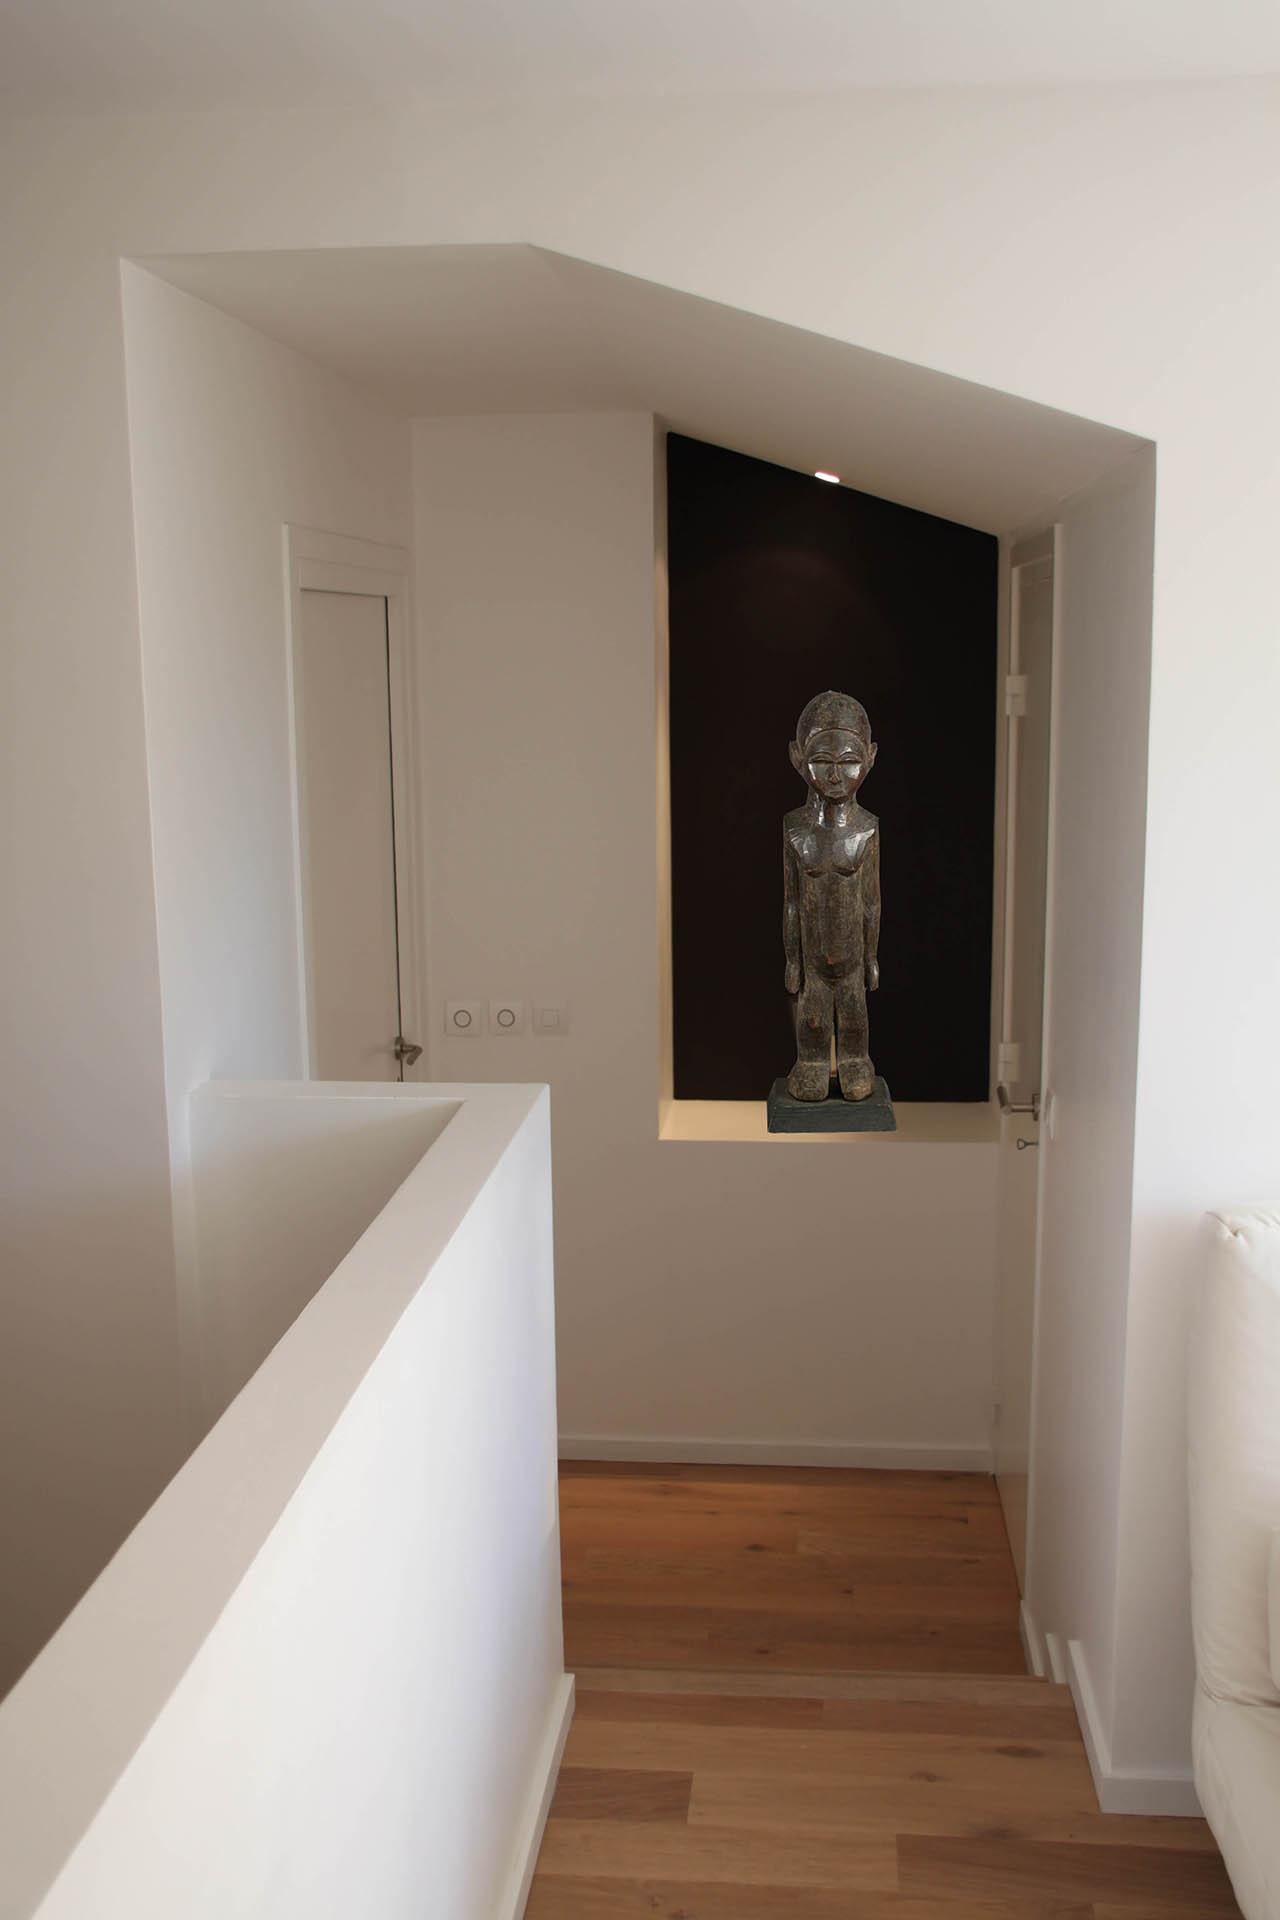 architecte marseille transformation d 39 une maison. Black Bedroom Furniture Sets. Home Design Ideas